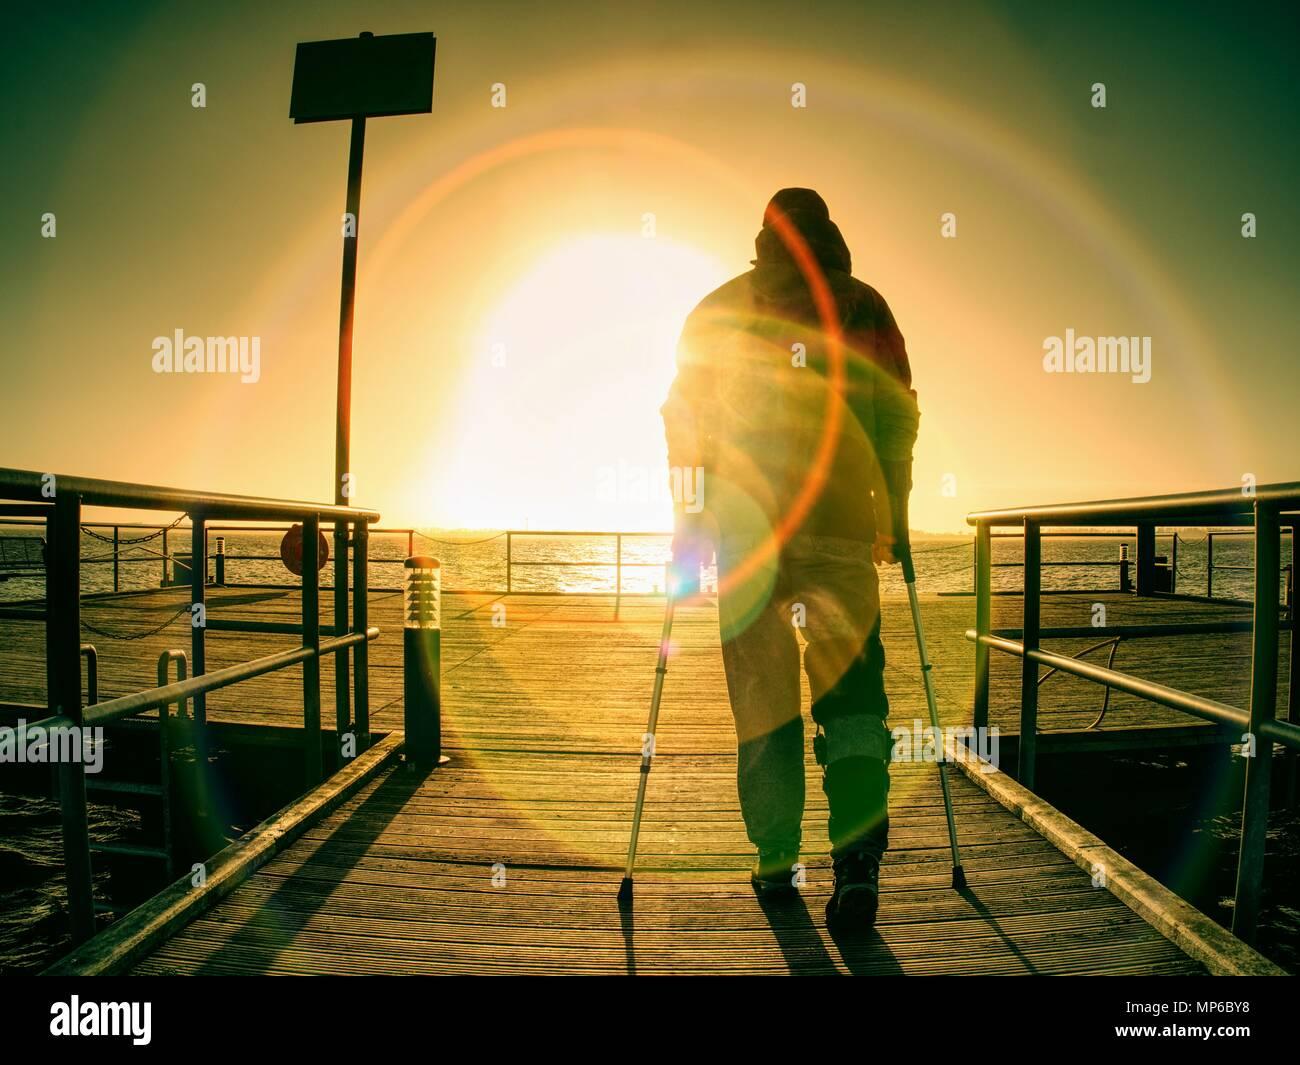 Düstere nostalgische Silhouette von traurig einsam melancholisch erwachsenen Mann mit Kapuzenjacke stehend auf See brücke in den frühen Morgenstunden und Denken Stockbild